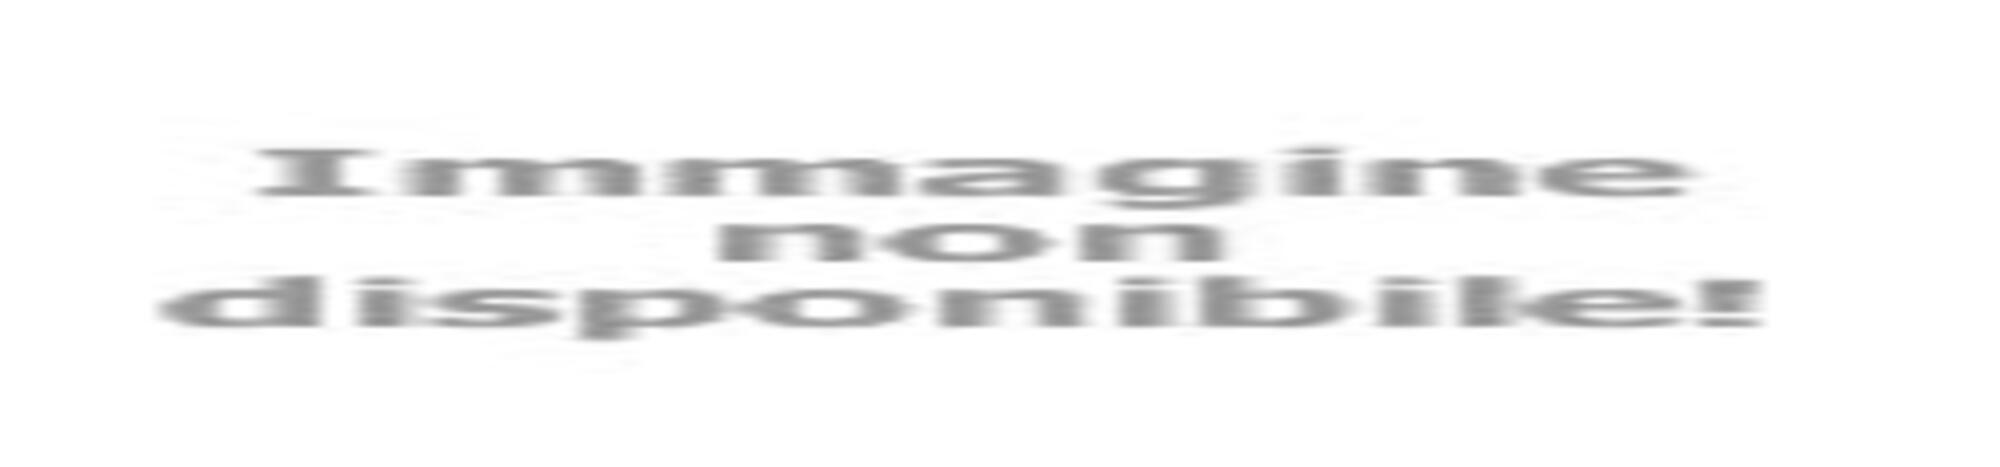 Offerta MotoGP Misano 2018 in hotel Rimini vicino al circuito con parcheggio e biciclette